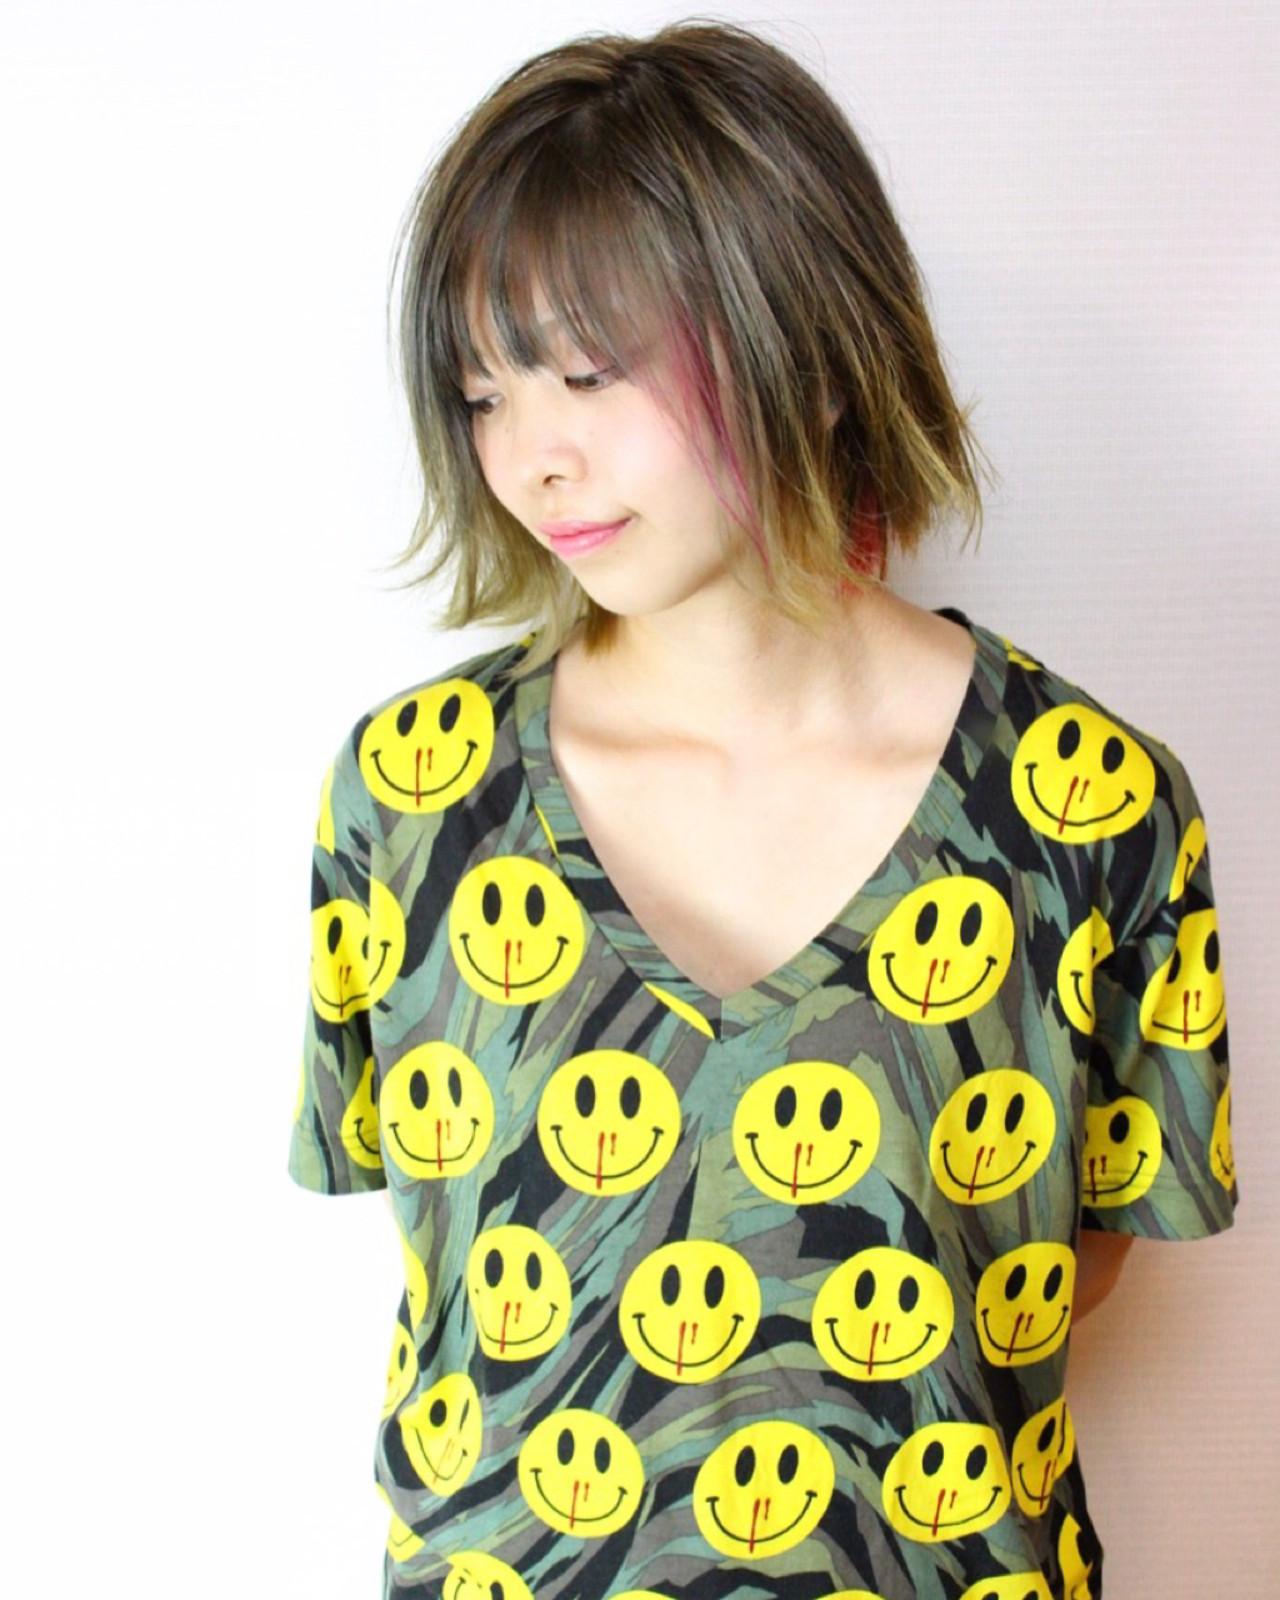 デザインハイライトならとっても個性的♪ 松田 和幸 / K.Y.A. | K.Y.A.(ケイ.ワイ.エー.)